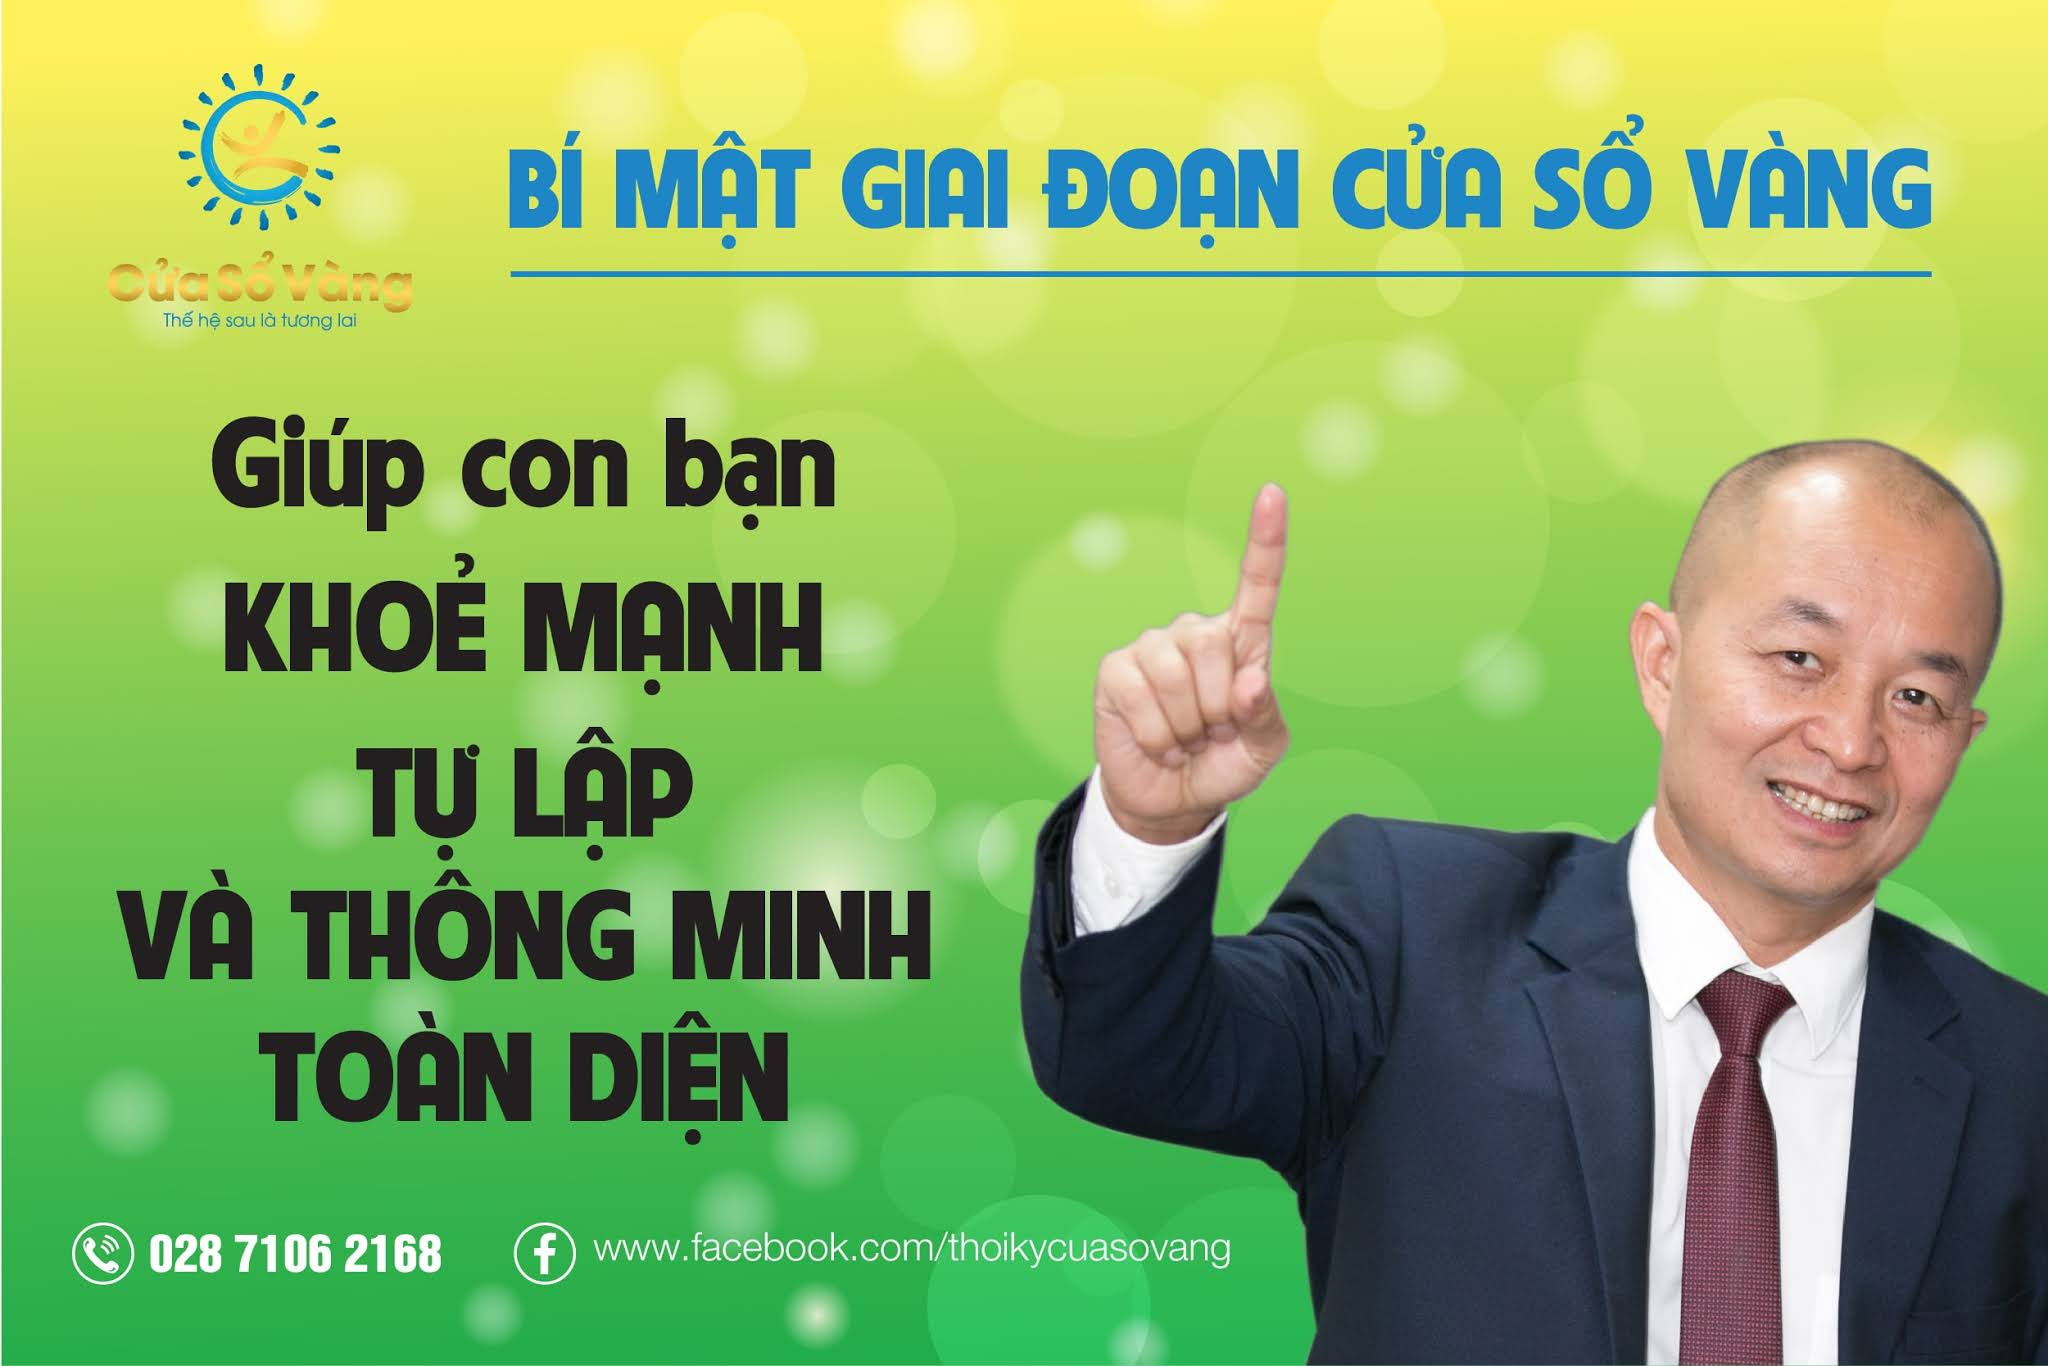 Share khóa học cuasovang.vn - Nguyễn Duy Cương